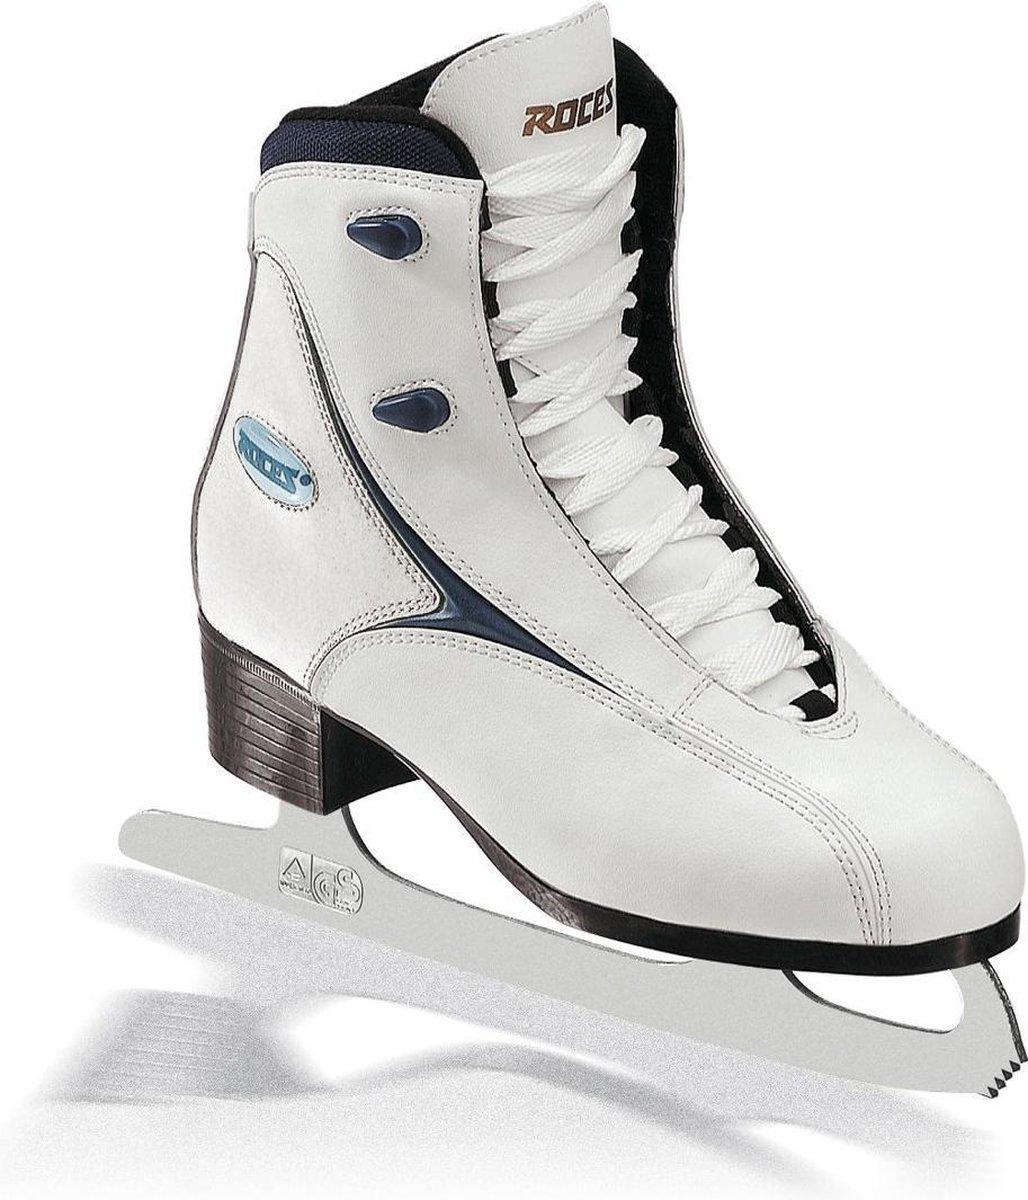 ROCES Kunstschaatsen RFG 1 Wit/Donkerblauw 40